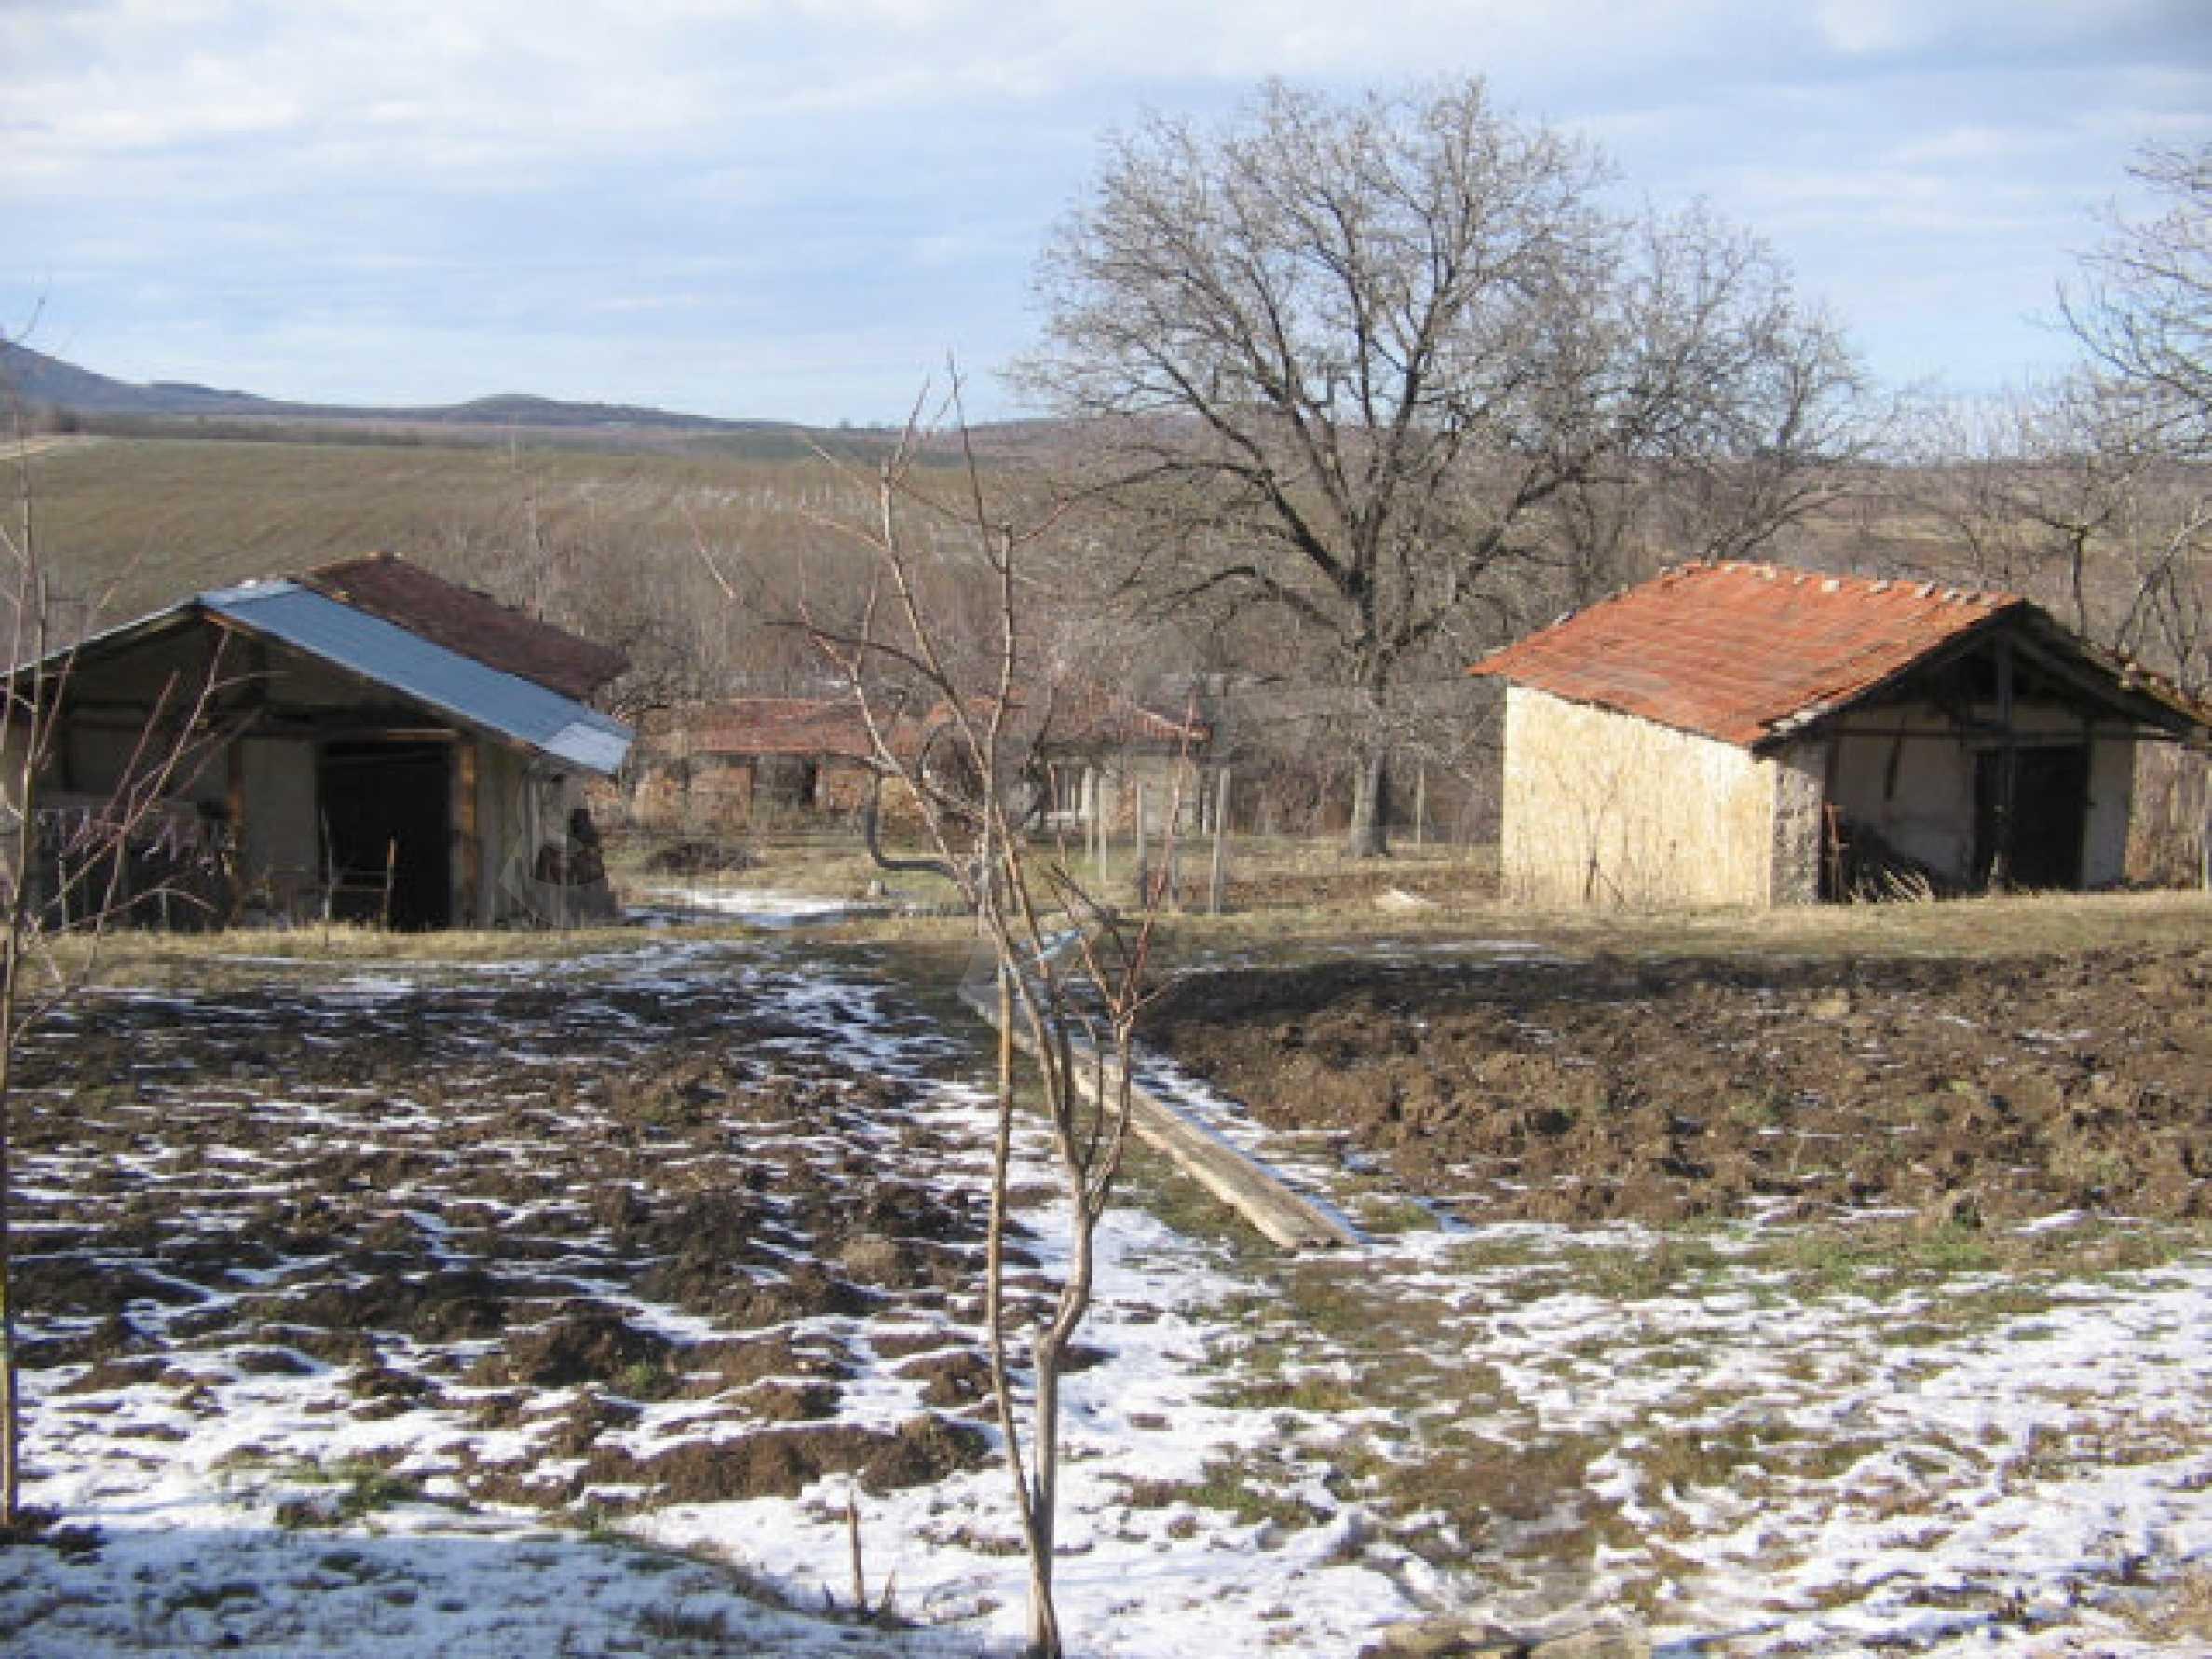 Ein Grundstück zum Verkauf in einem Dorf 32 km von Kardjali entfernt 10